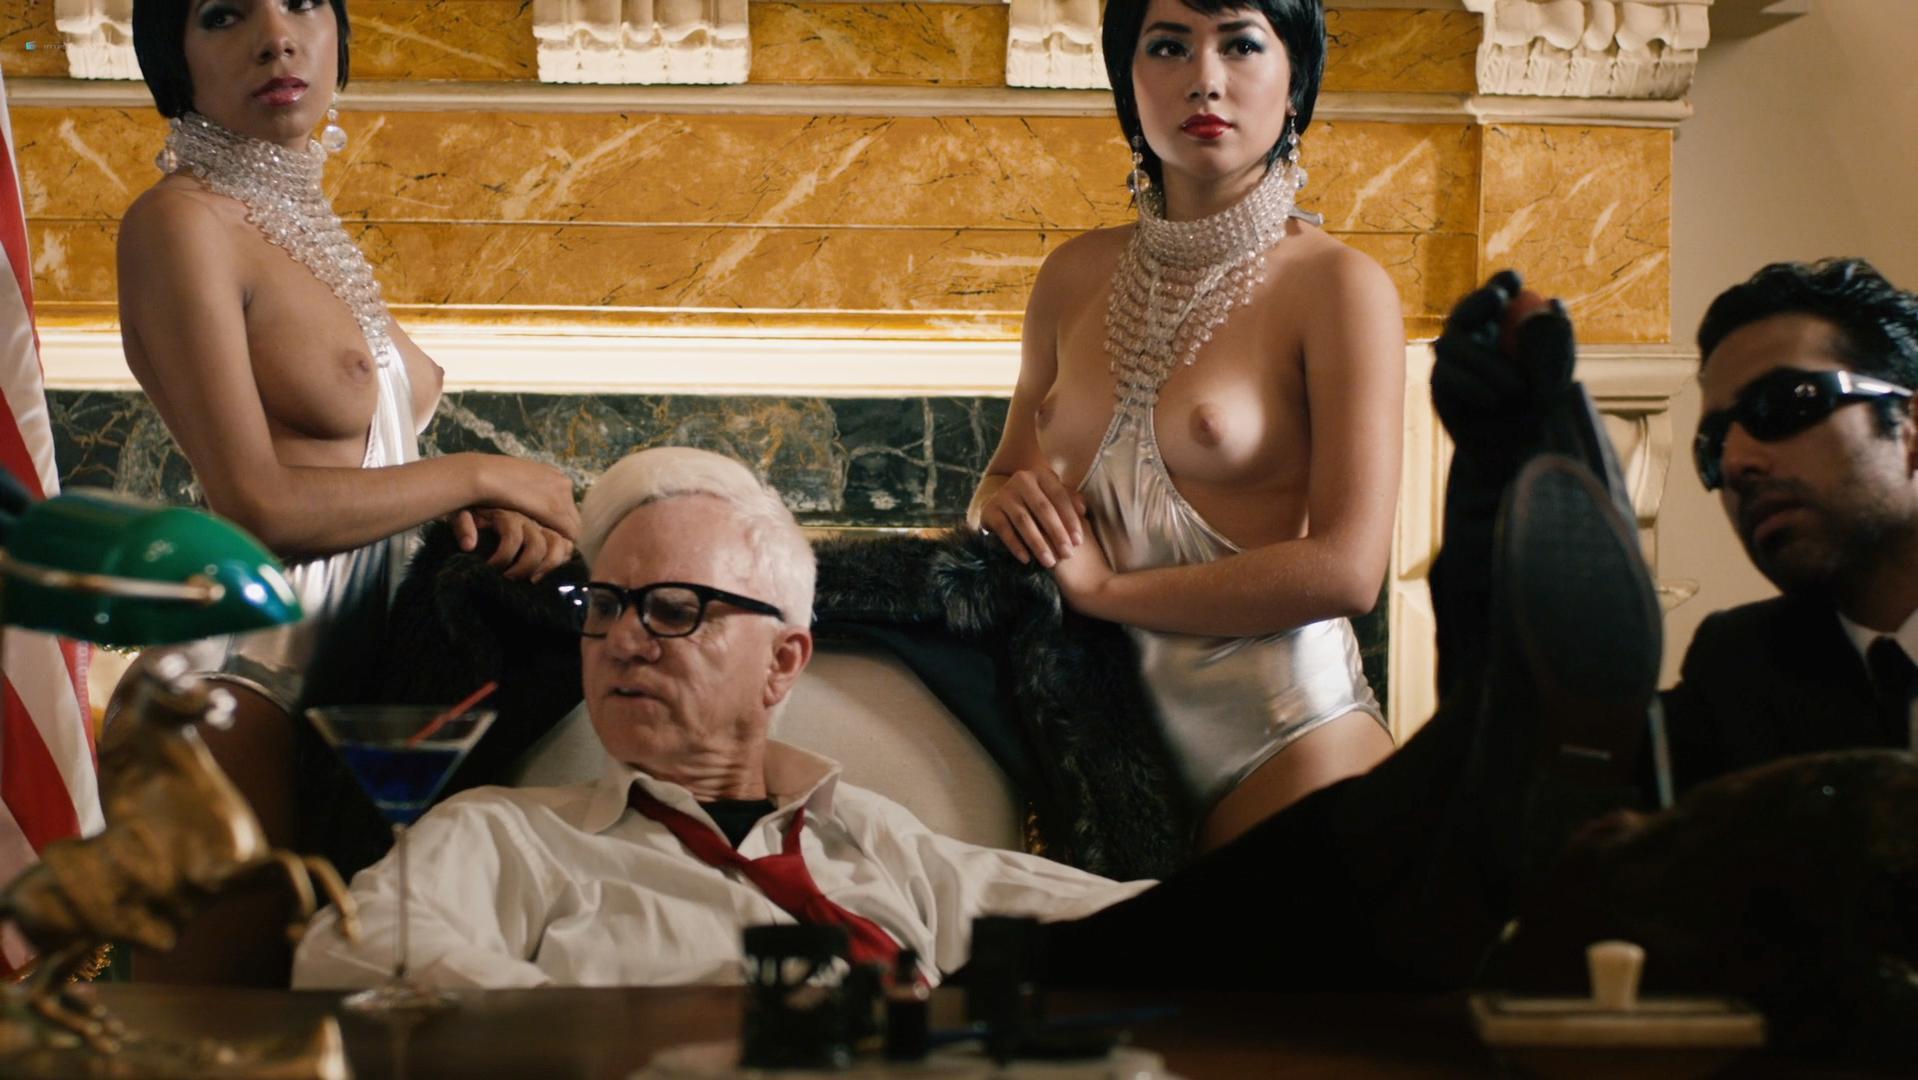 Russian naked women sucking dick